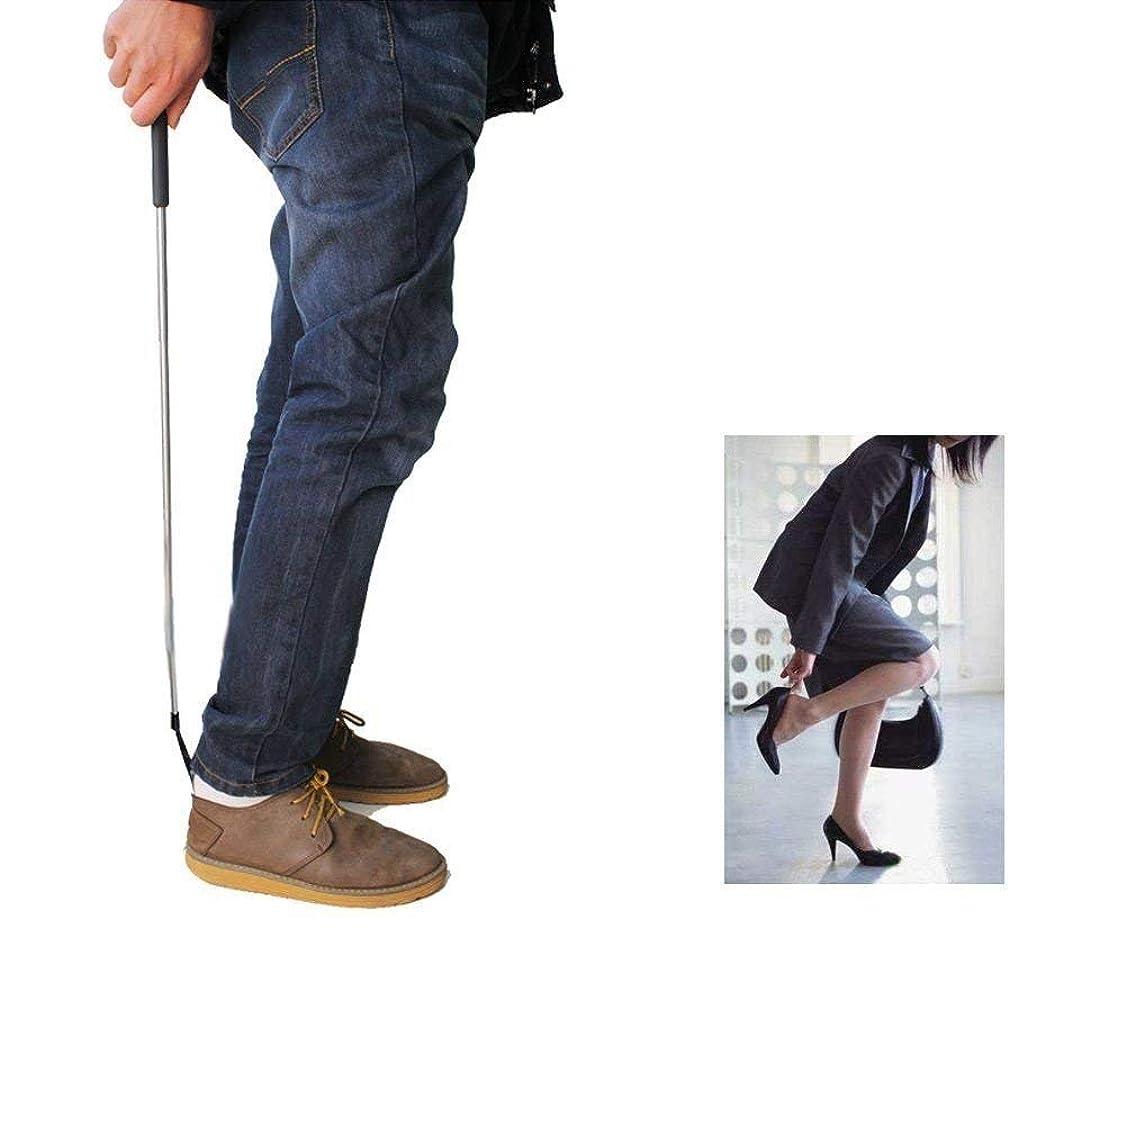 側面腹広範囲Pichidr-JP 靴べら シューホーン くつべら 靴 長ヘラ 携帯 伸縮自在 シューケア ロング 軽量 高齢者 靴の角拡張可能&折りたたみ 男性女性靴